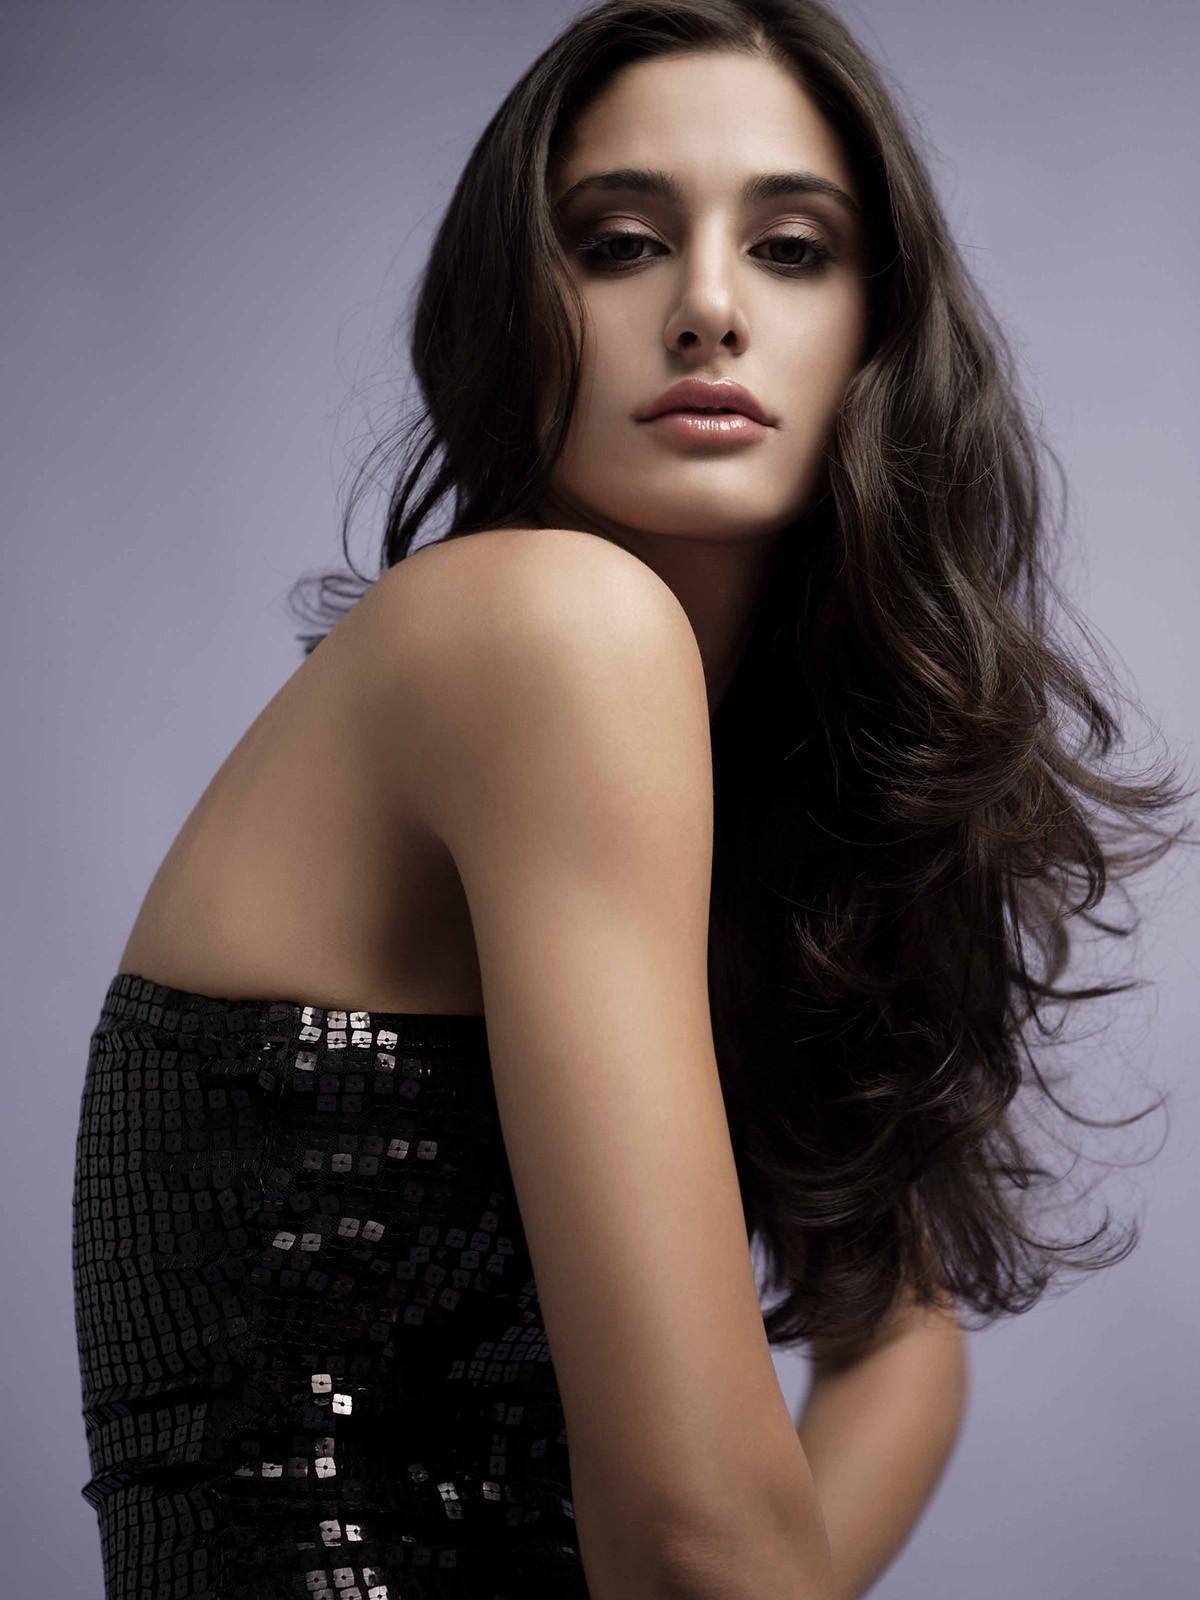 Nargis Fakhri Hot Photos In Black Dress - Actress Album